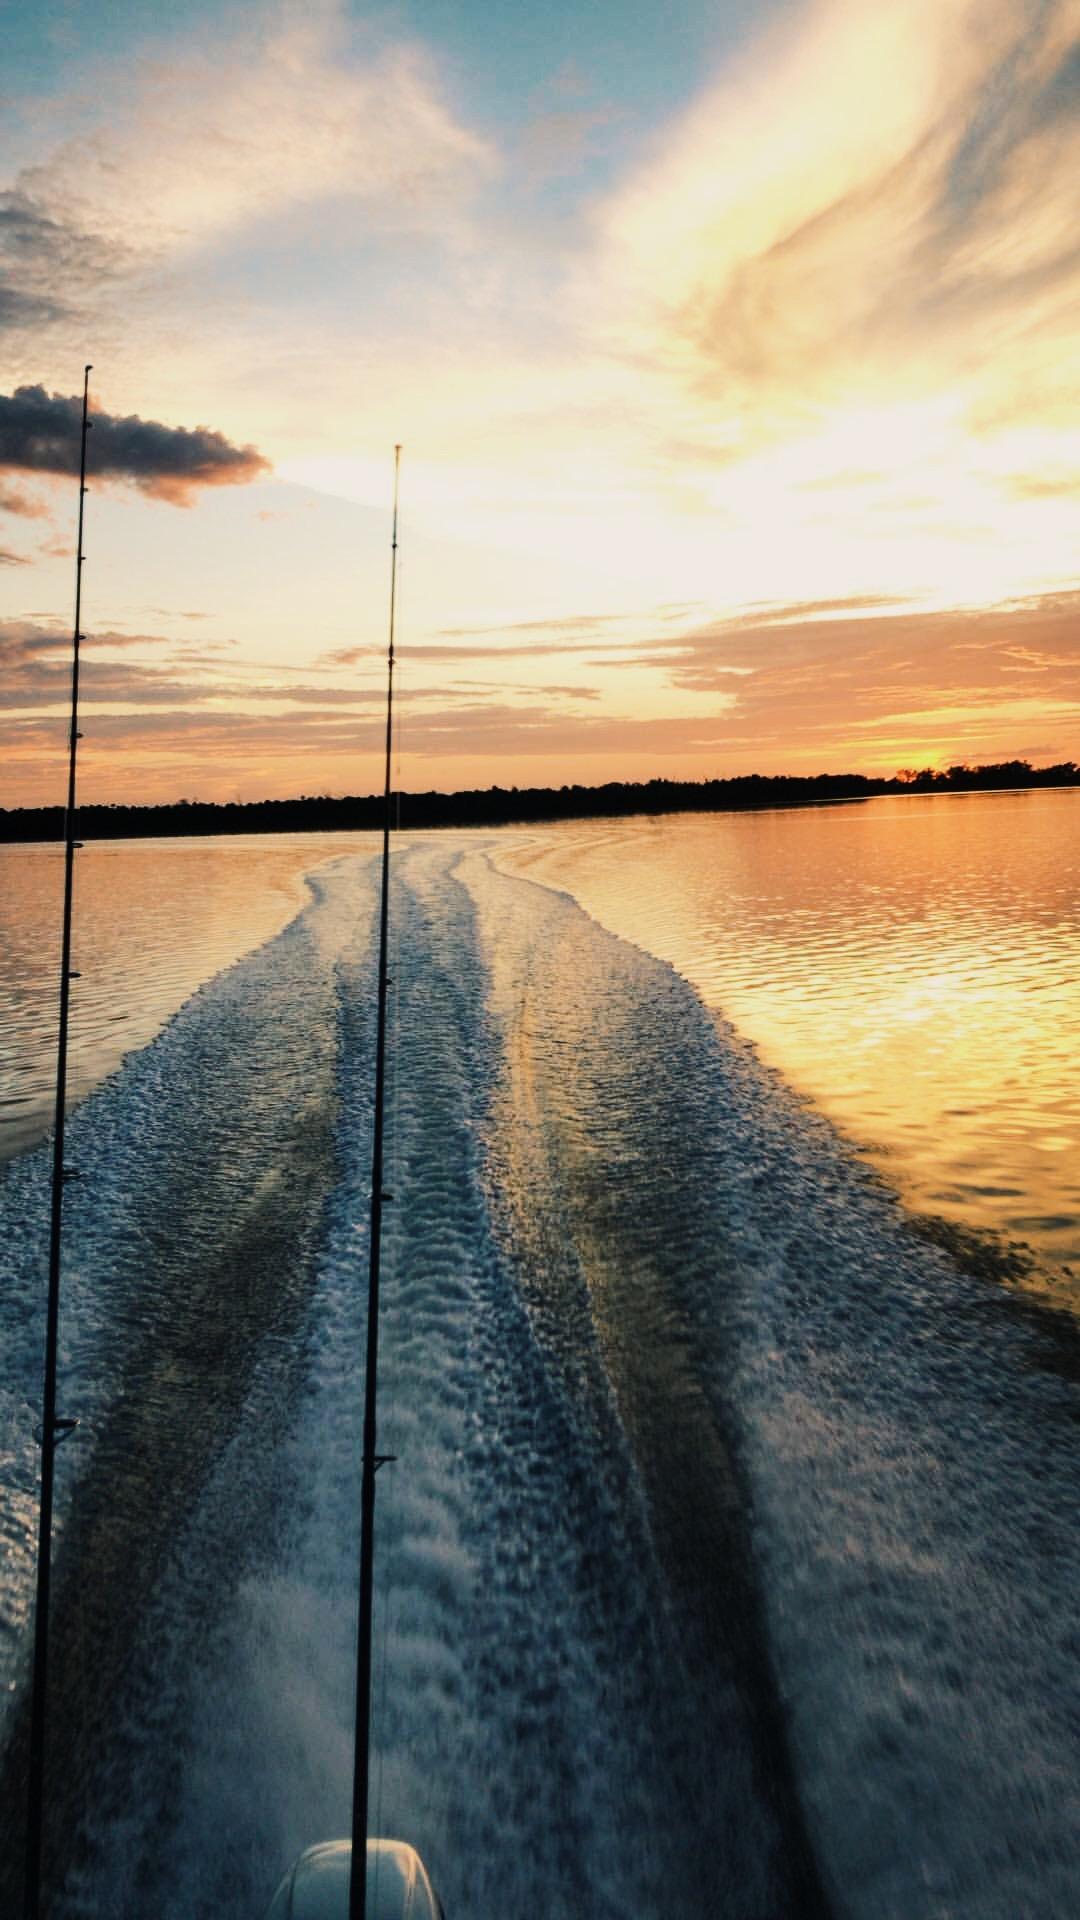 sunset cruise, inshore fishing